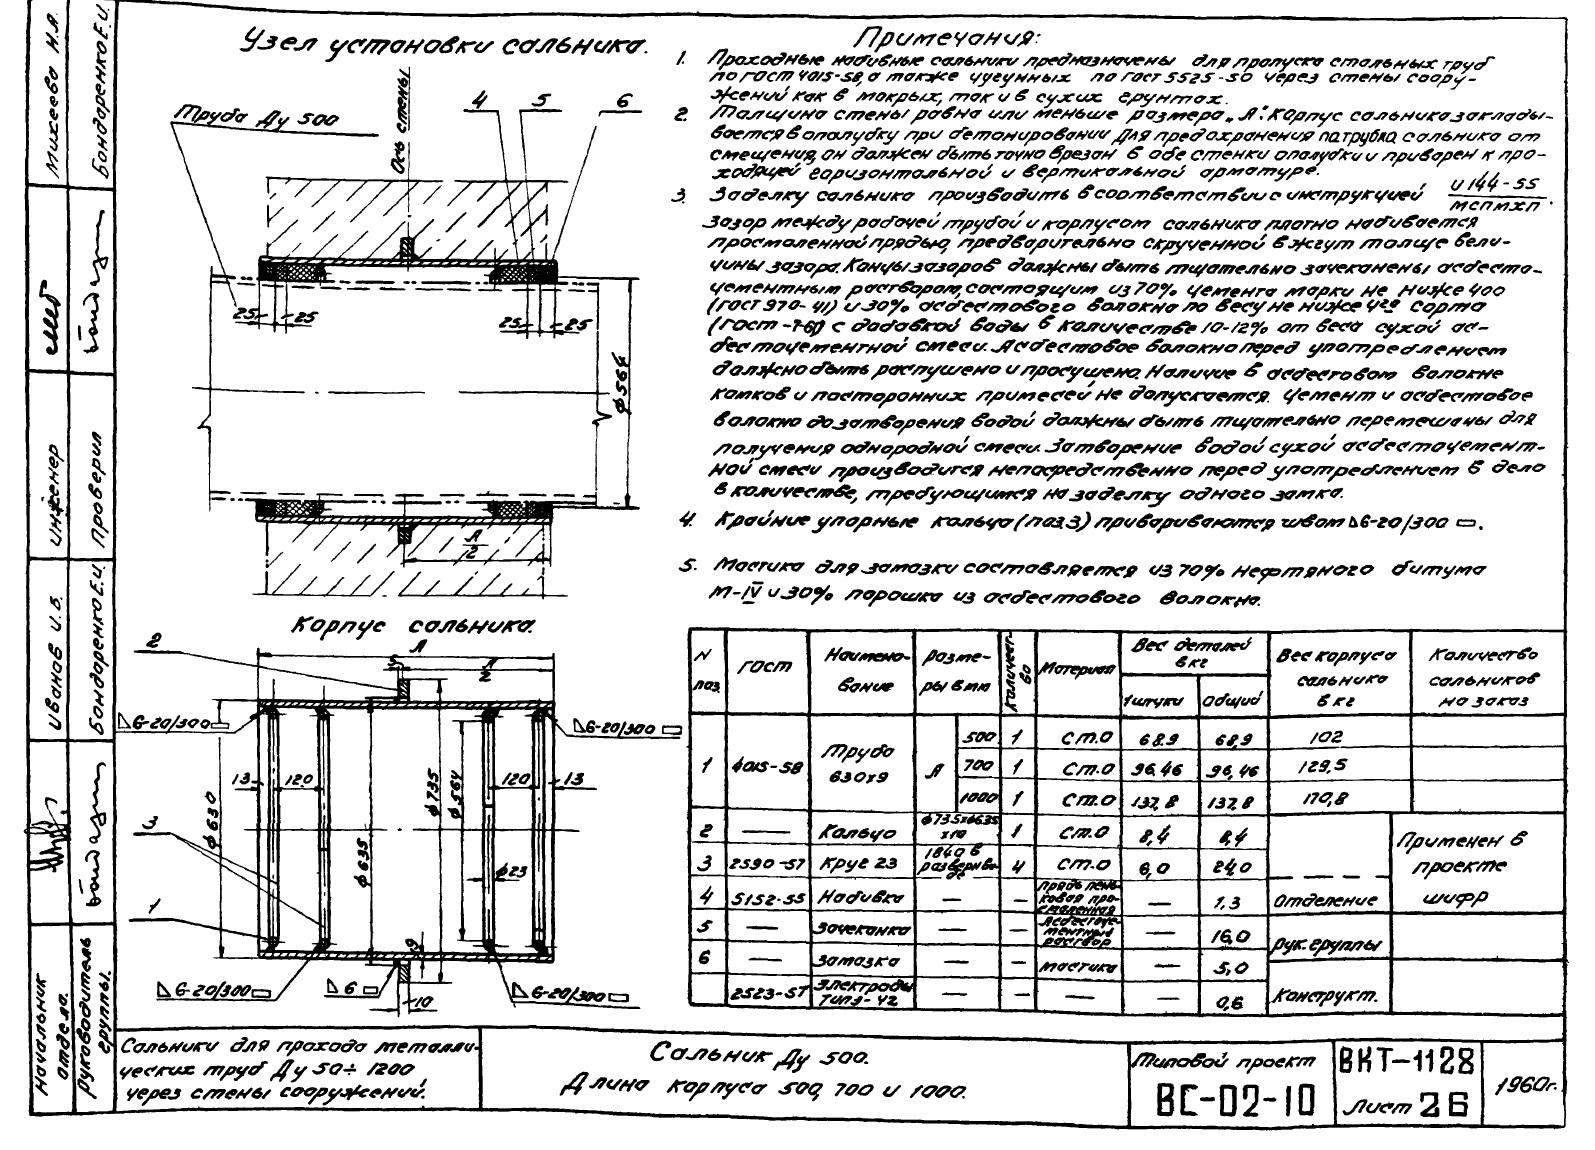 Сальники набивные L = 700 мм типовой проект ВС-02-10 стр.12